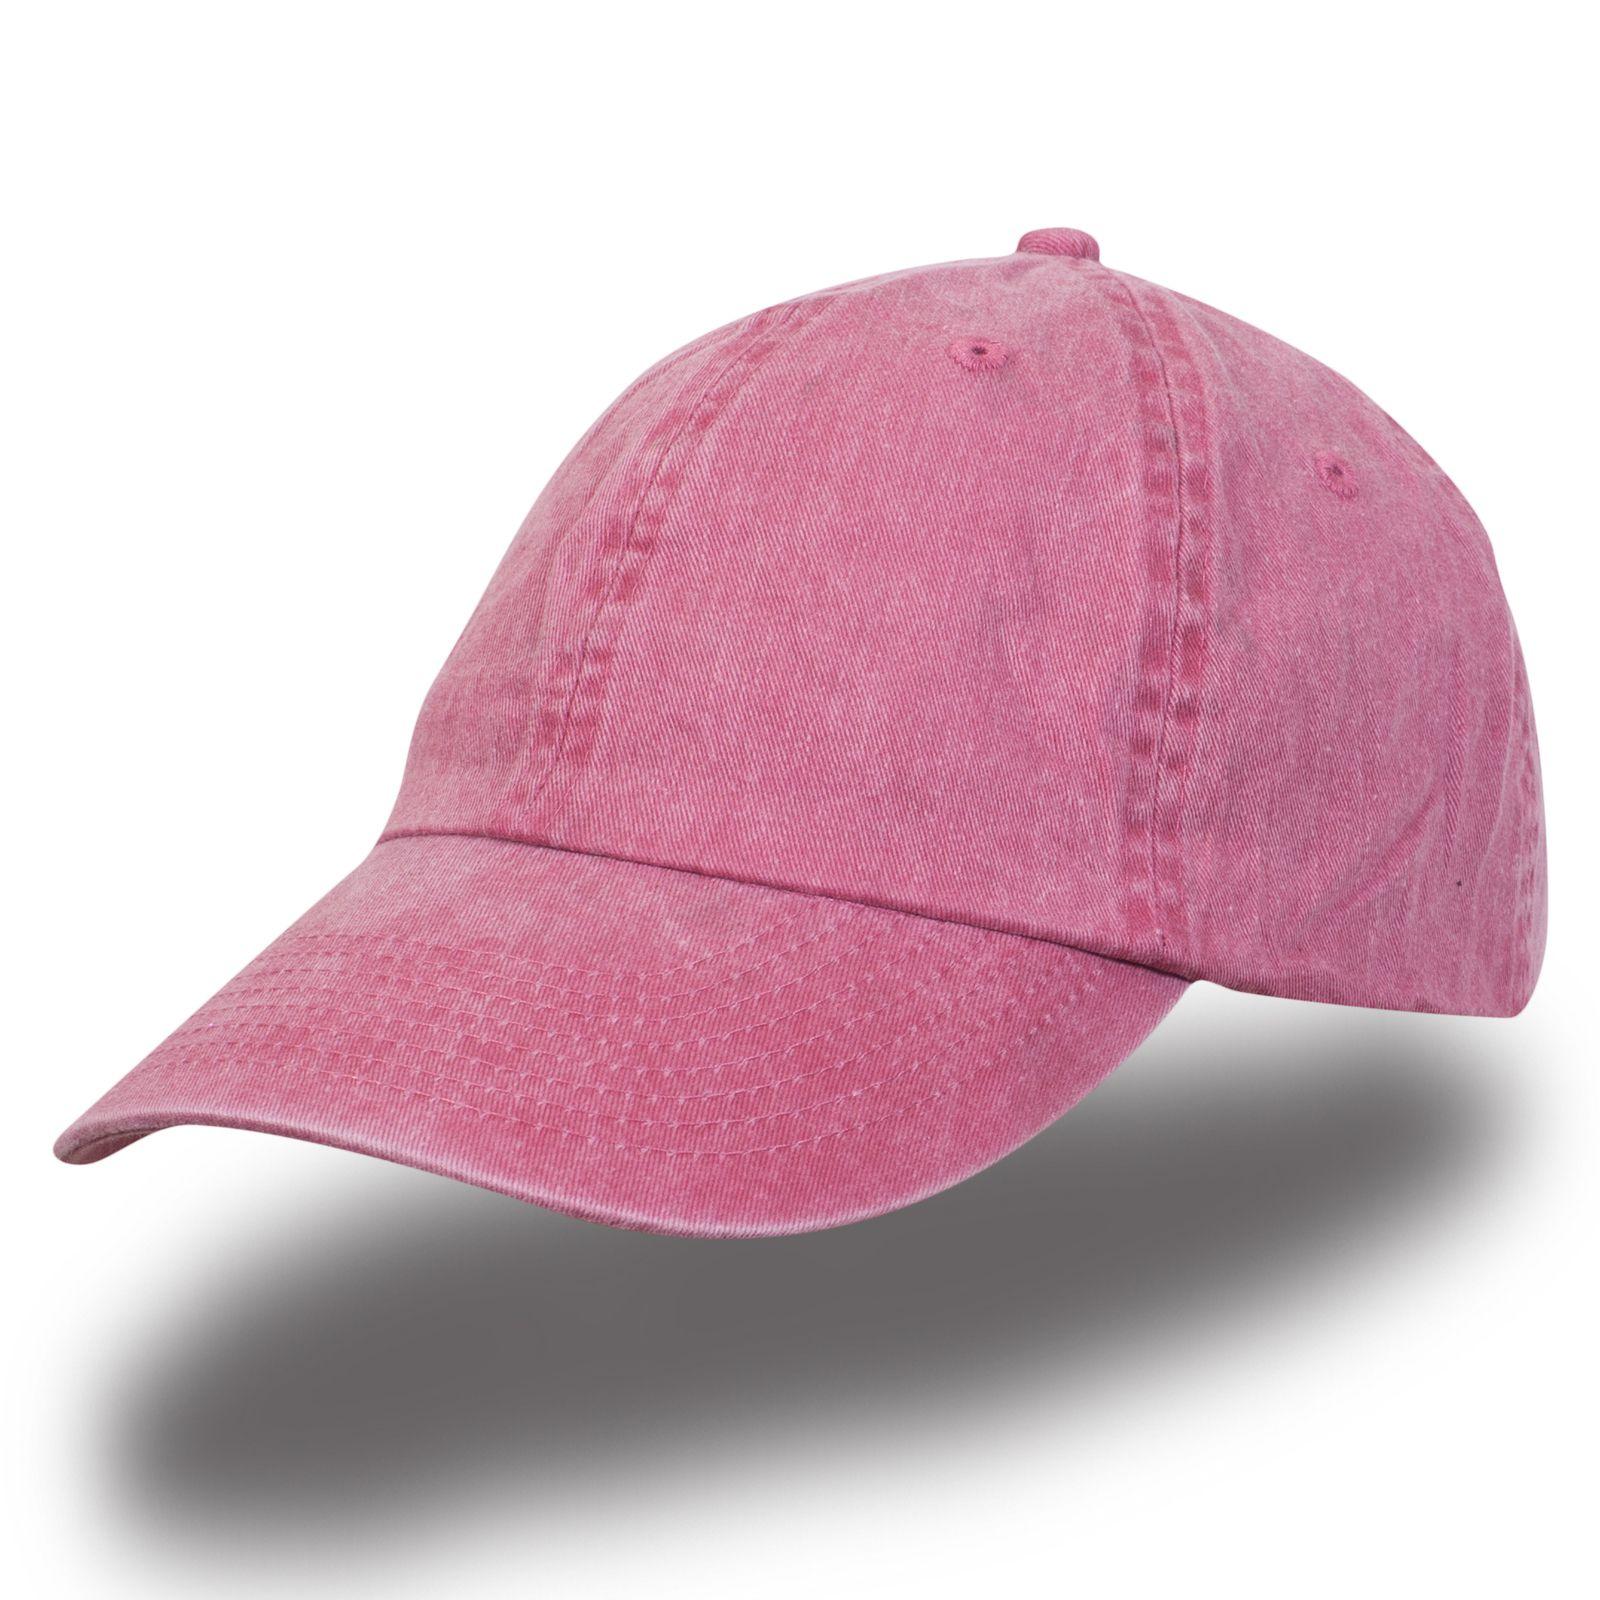 Розовая кепка - купить в интернет-магазине с доставкой